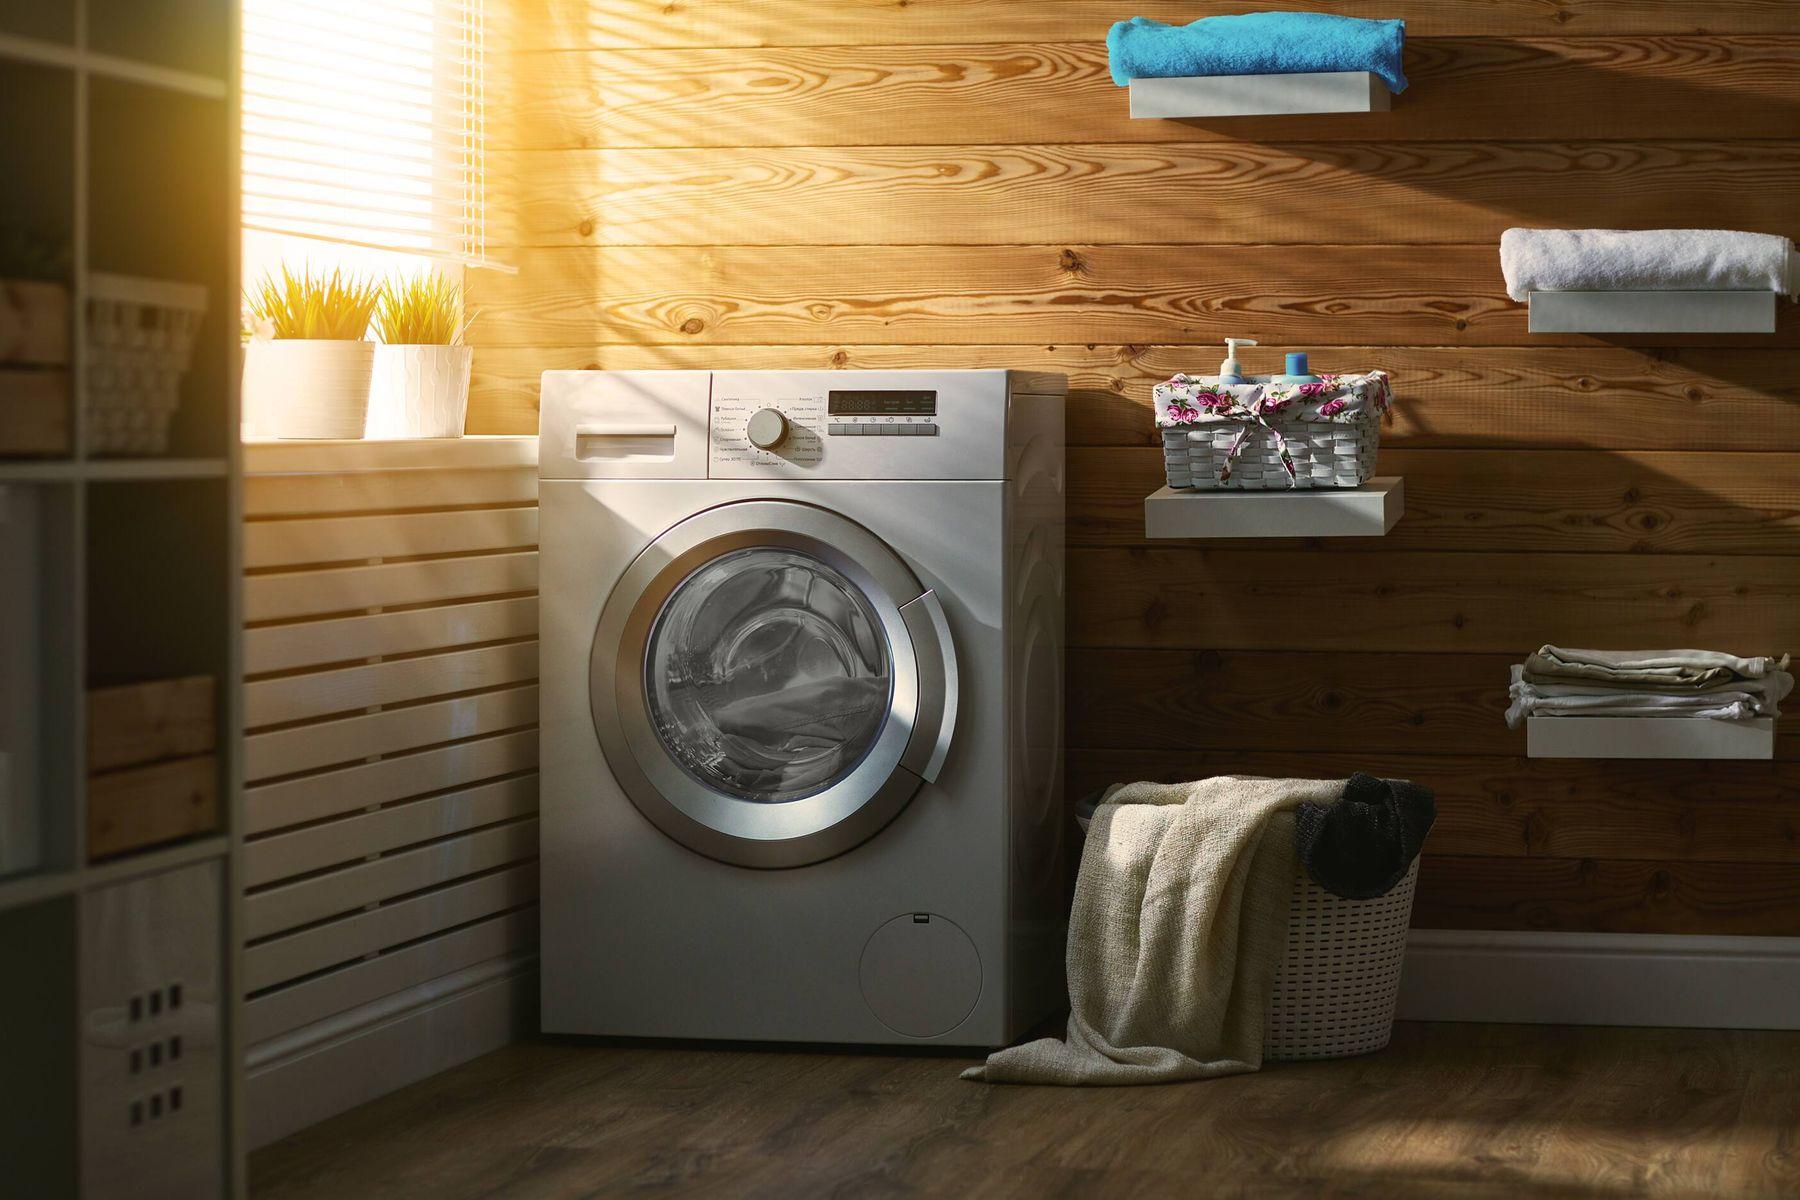 Mesin cuci di ruang cucian